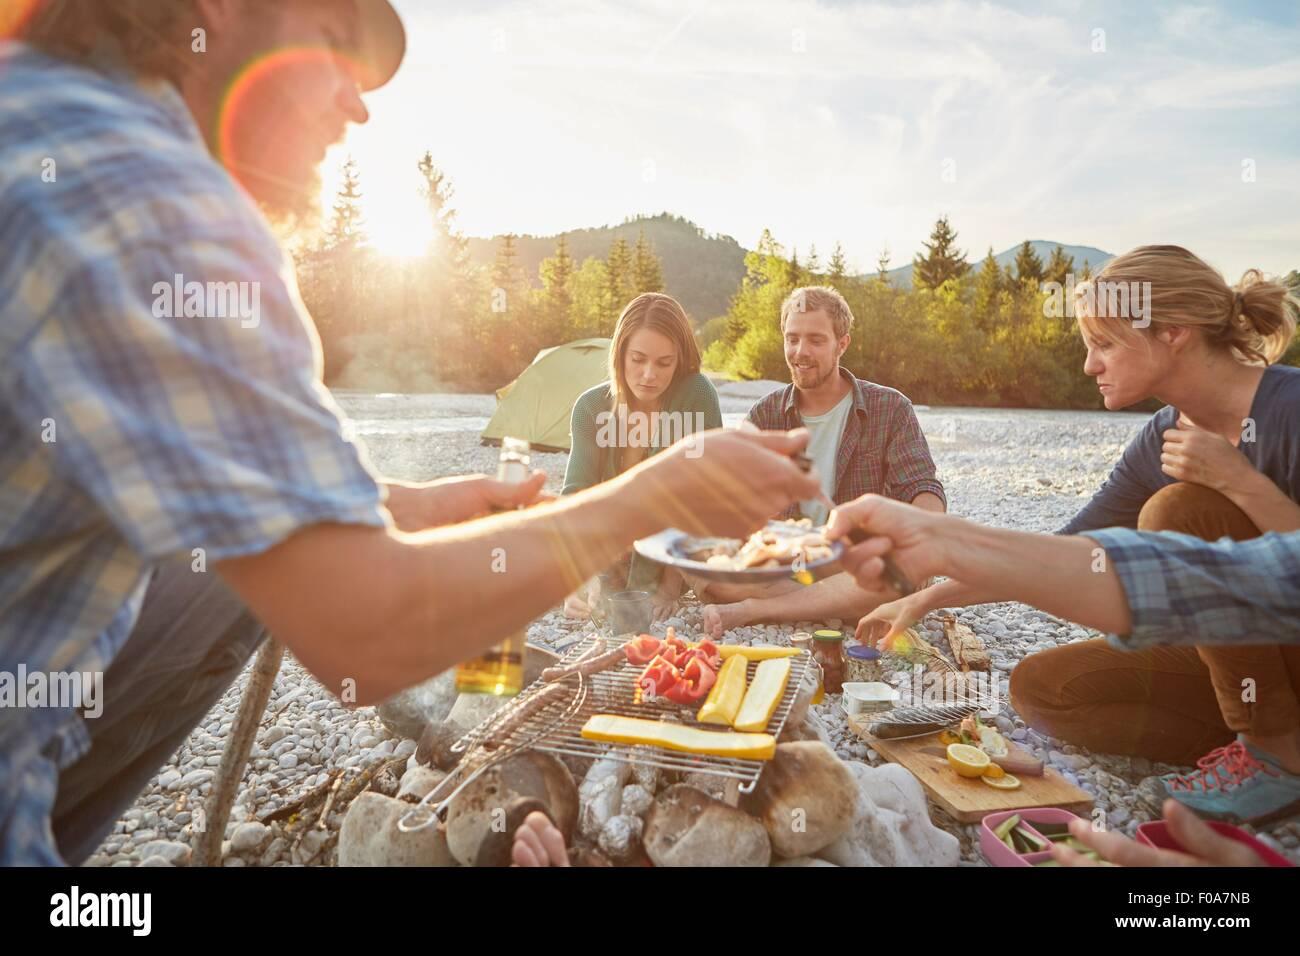 Erwachsene sitzen am Lagerfeuer, die Speisen vom Grill Stockbild